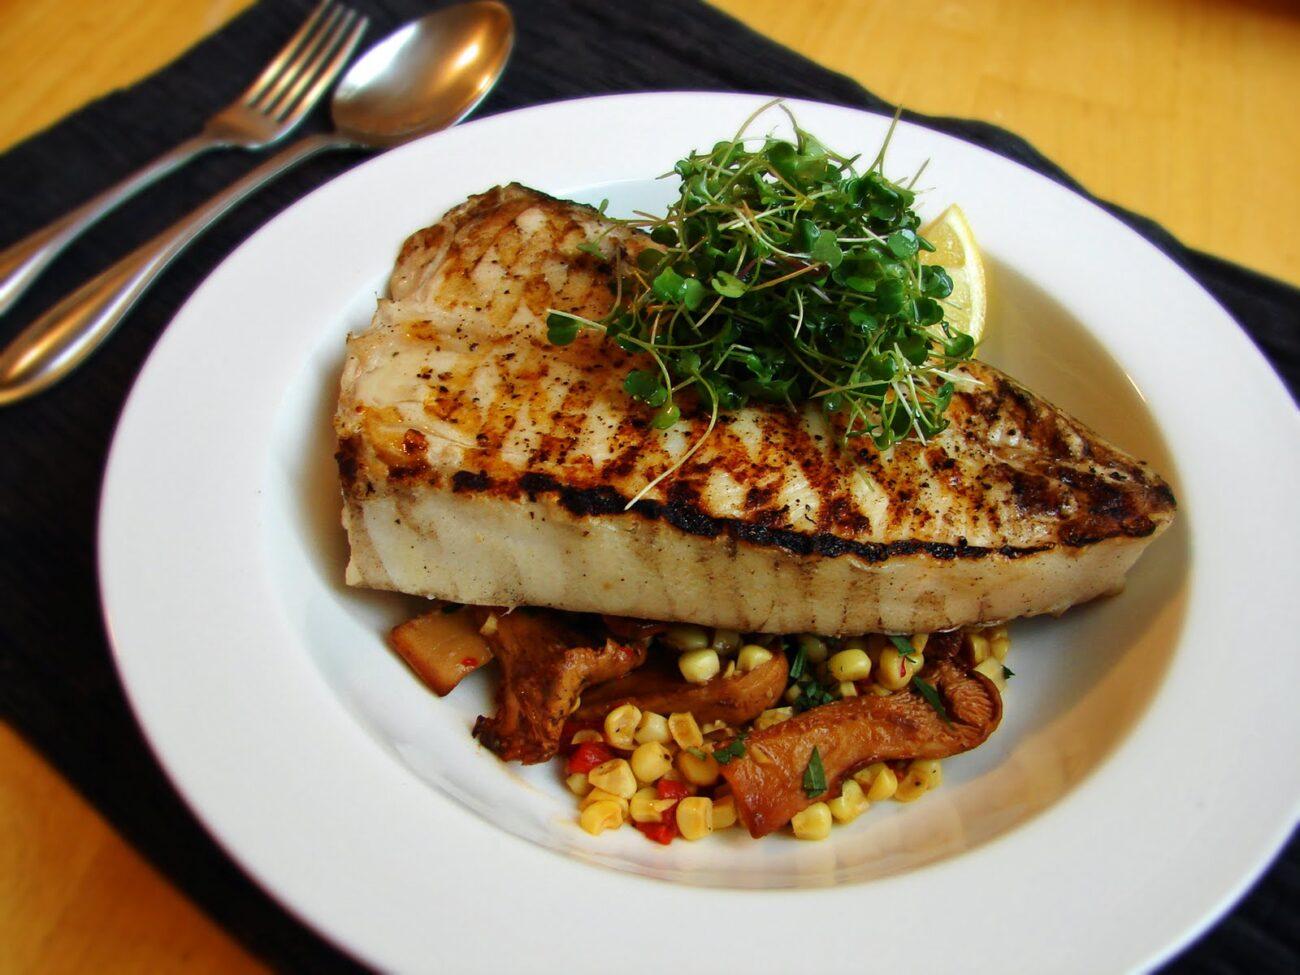 Рыба на мангале с кукурузой и грибами